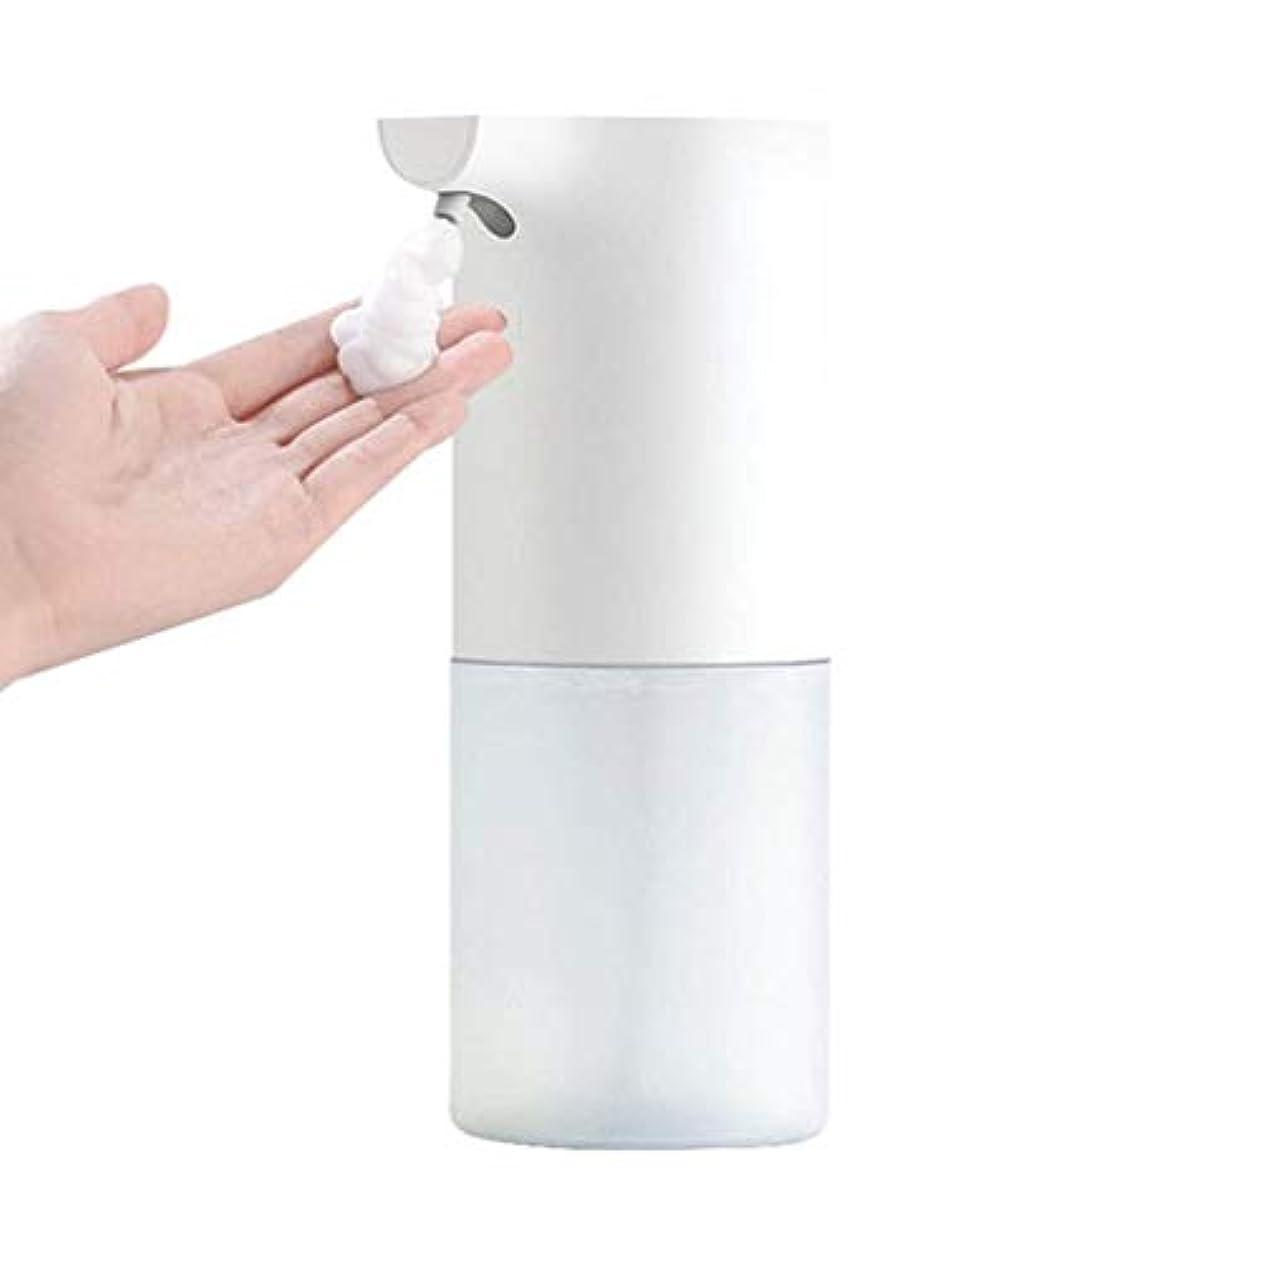 縮れた採用明快誘導接触無料ハンドソープボトル手洗い自動洗濯携帯電話浴室キッチンプラスチック材料ローション(色:白、サイズ:7.3 * 7.3 * 19 cm) (Color : White, Size : 7.3*7.3*19cm)